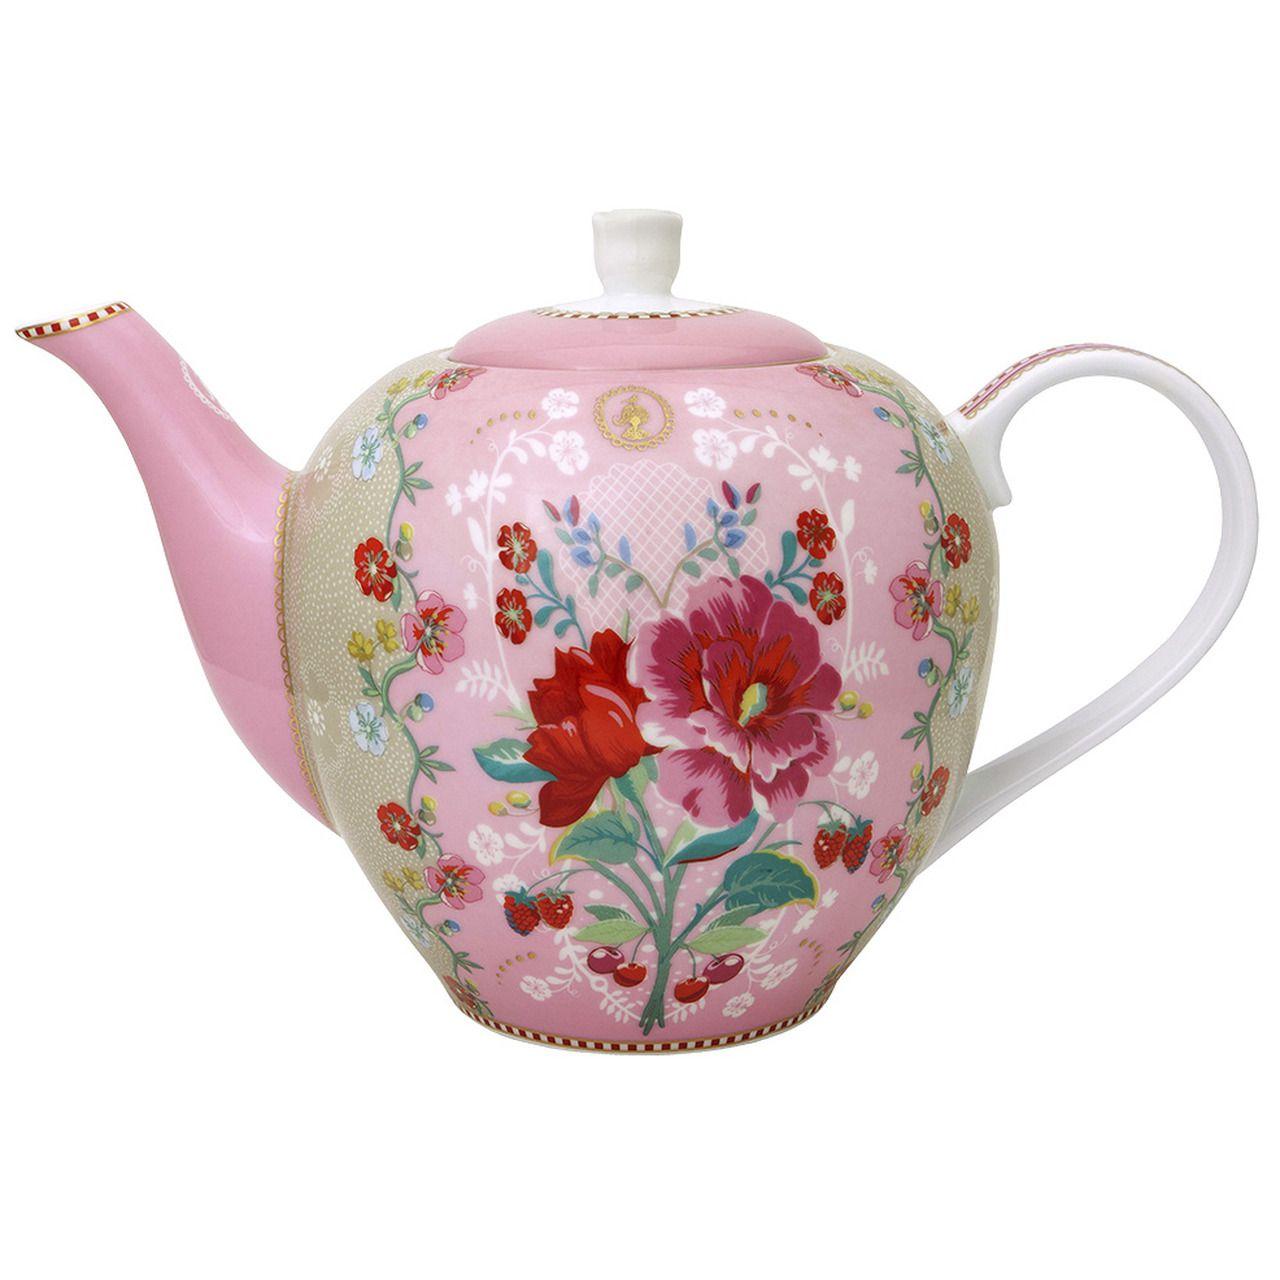 Bule Rose Rosa - Floral - Pip Studio